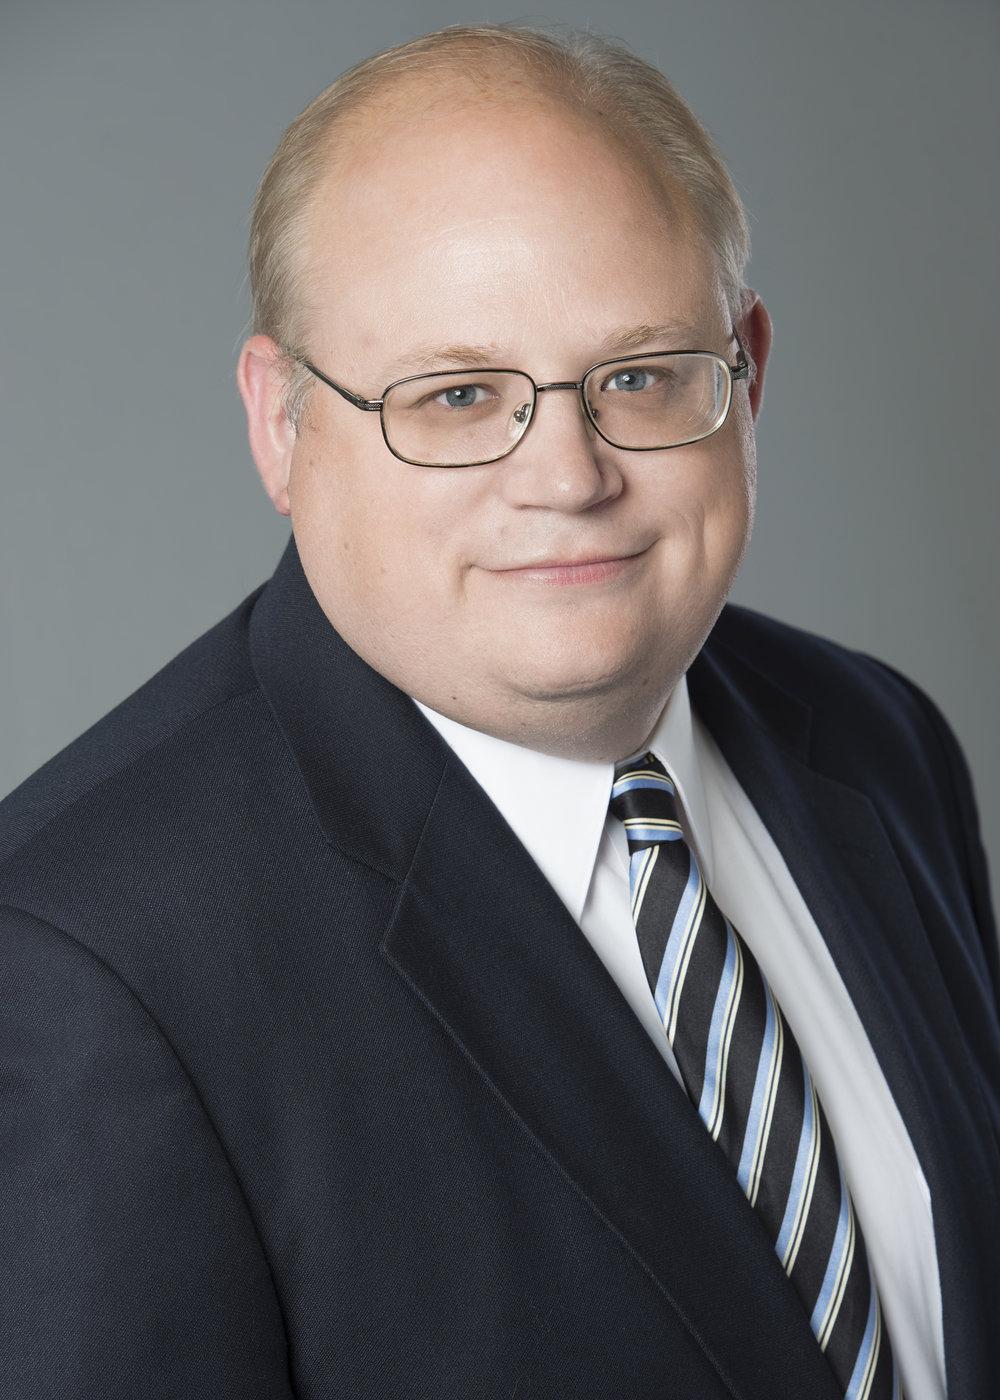 Bill Schaumann - Vice President  Syska Hennessy Group  312-588-3569  wschaumann@syska.com